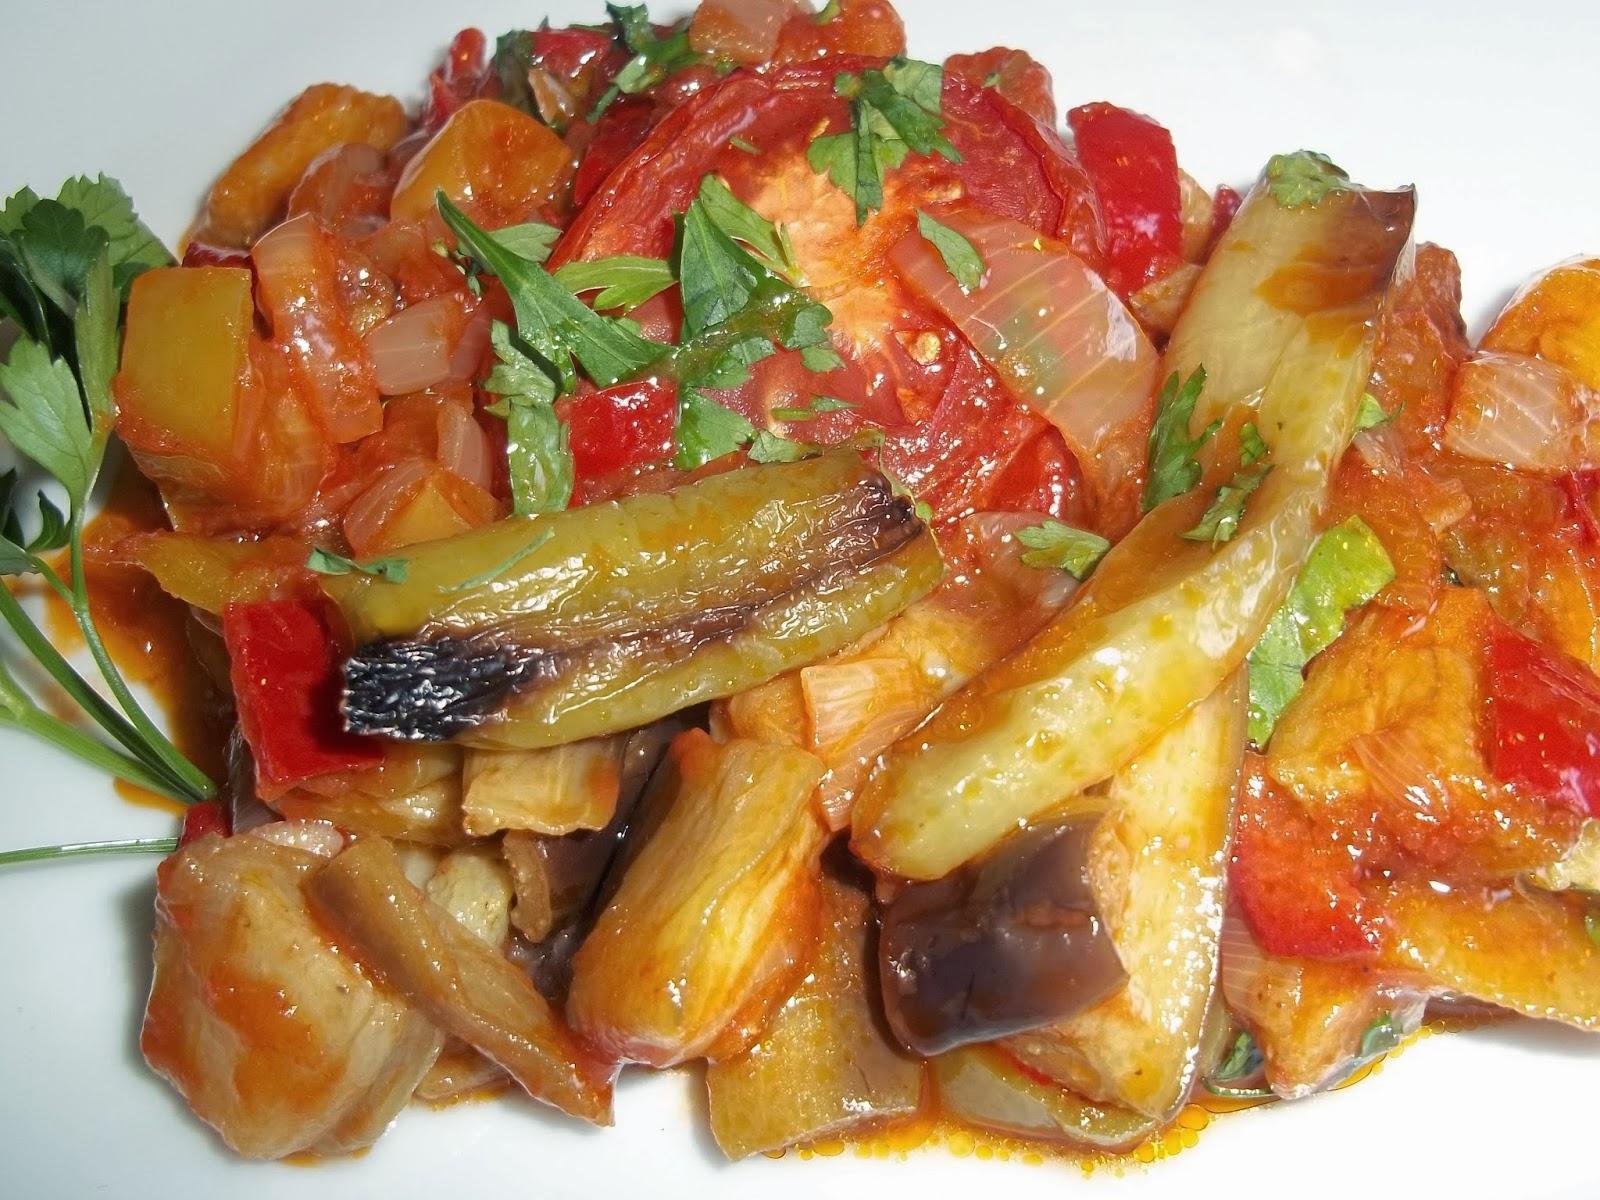 Zeytinyağlı patlıcan yemeği tarifi